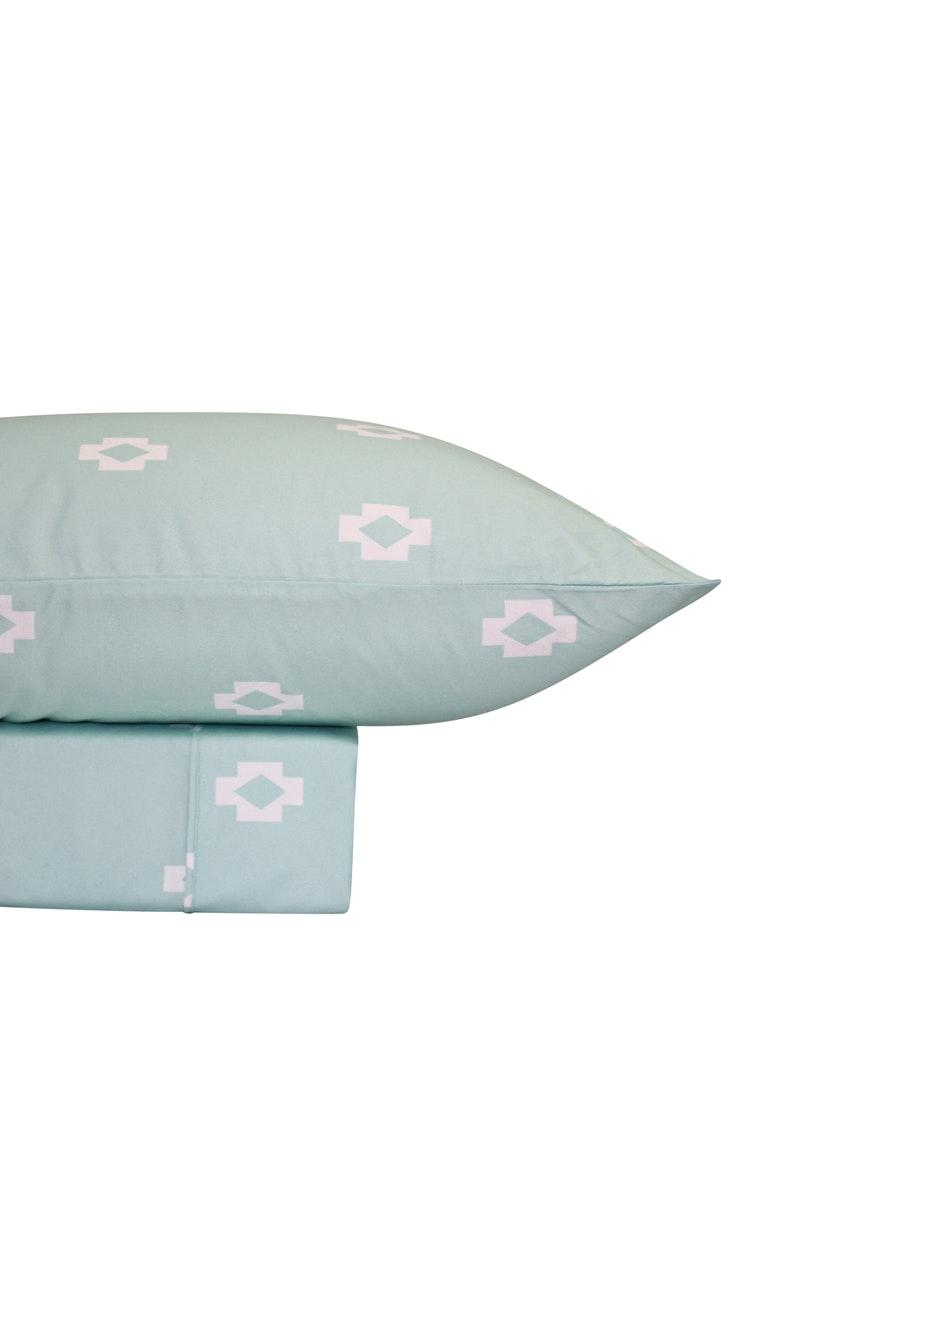 Thermal Flannel Sheet Sets - Tribal Design - Bay Blue - King Bed